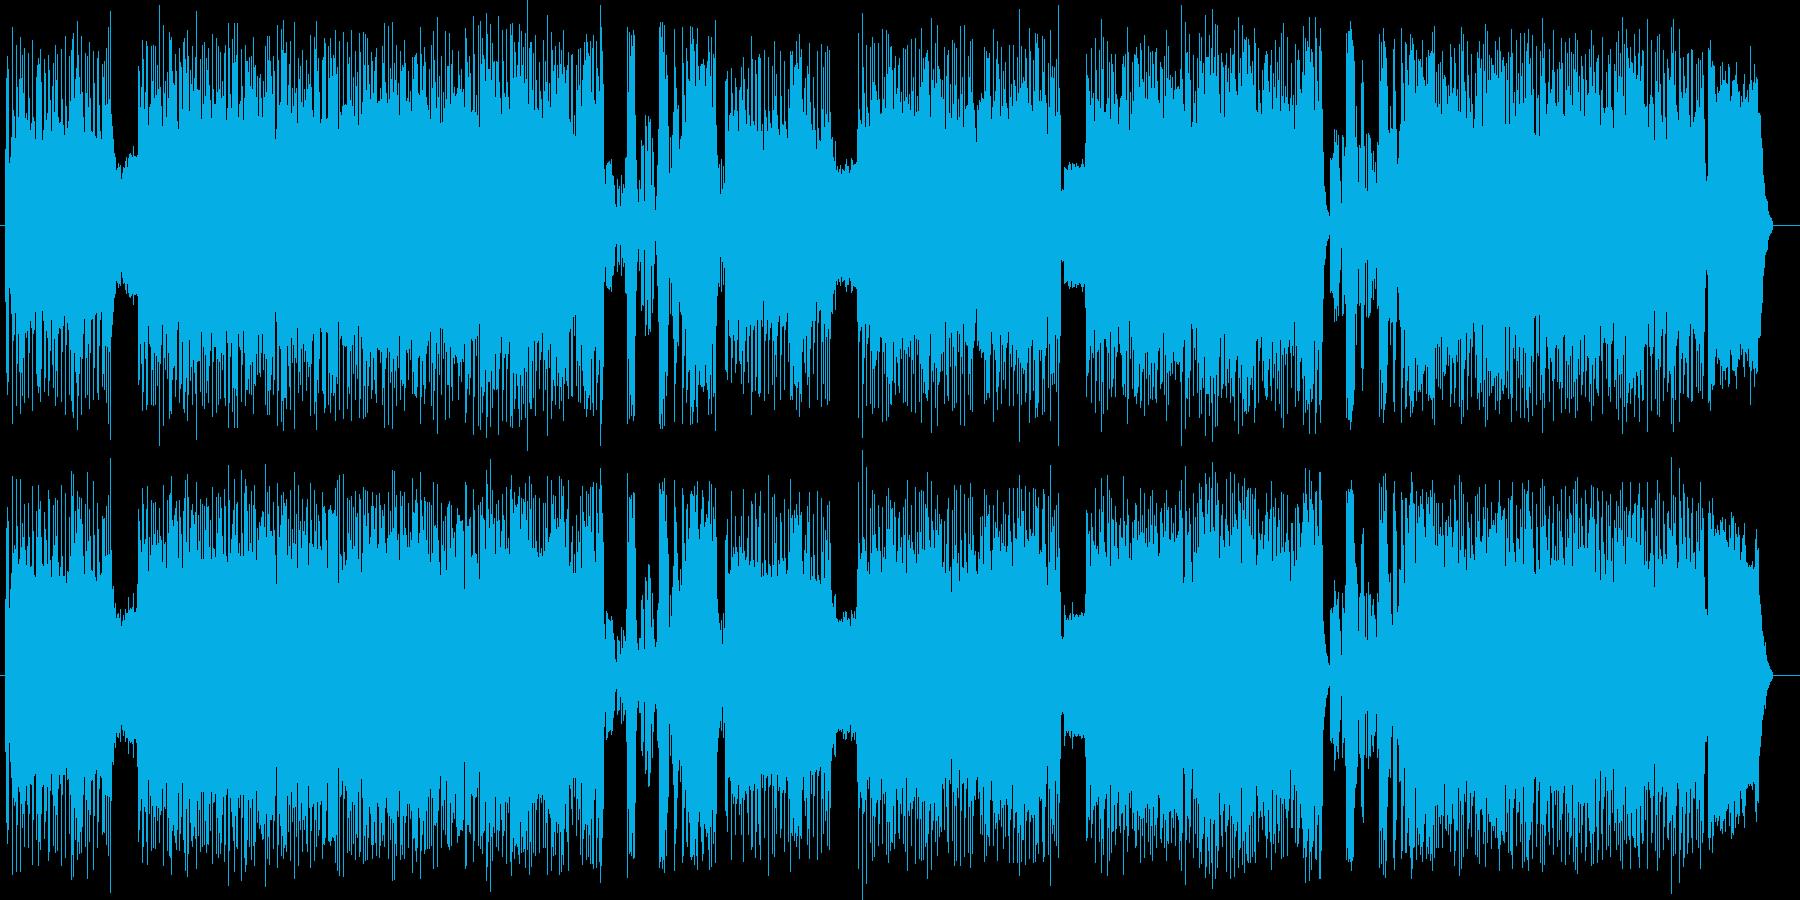 激しいギターが印象的なハードロックの再生済みの波形